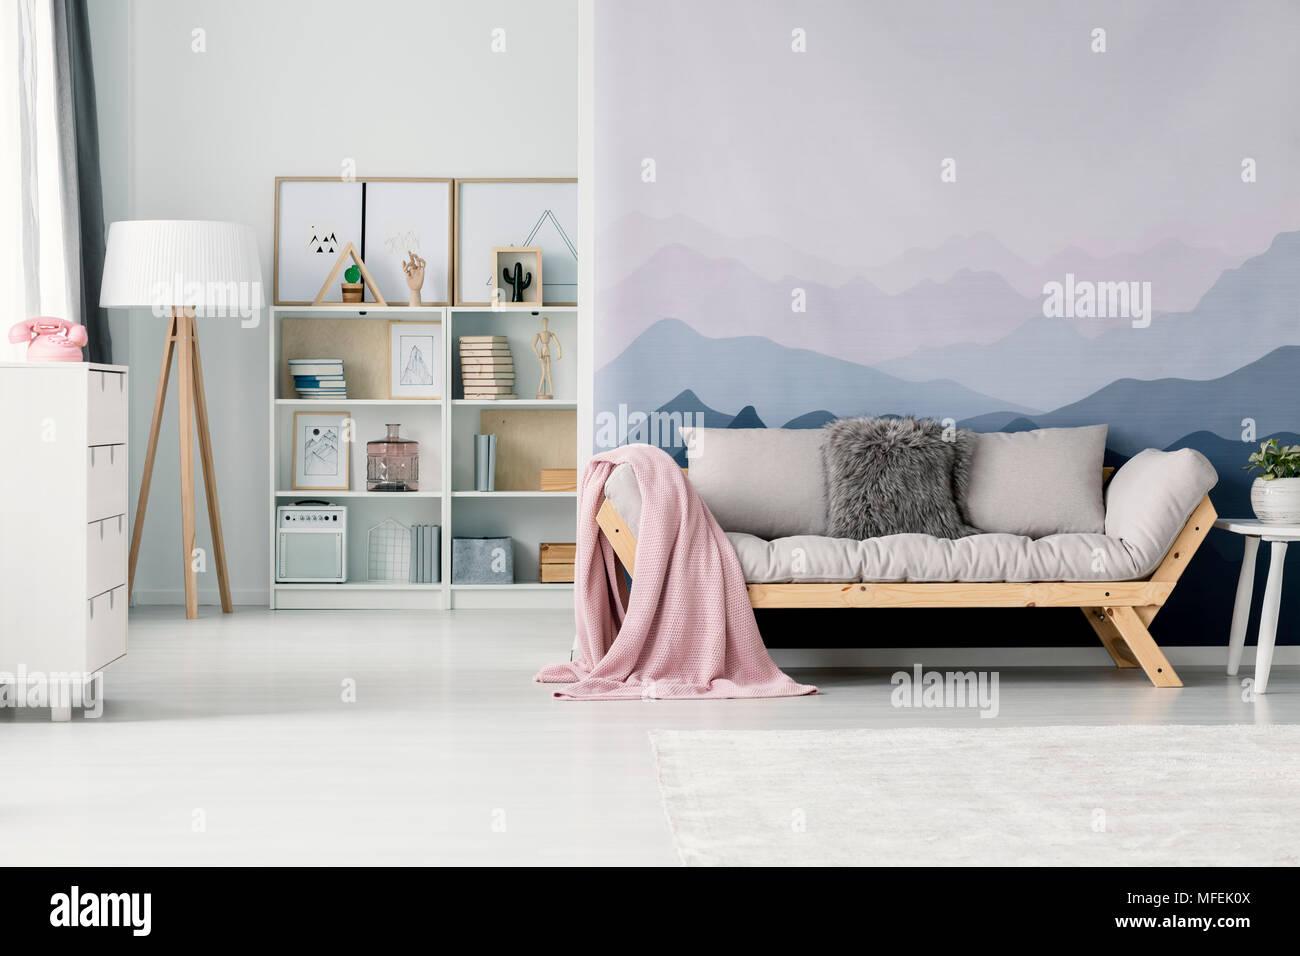 Gemütliches Wohnzimmer mit Pastell rosa Decke auf einem beigen Sofa ...